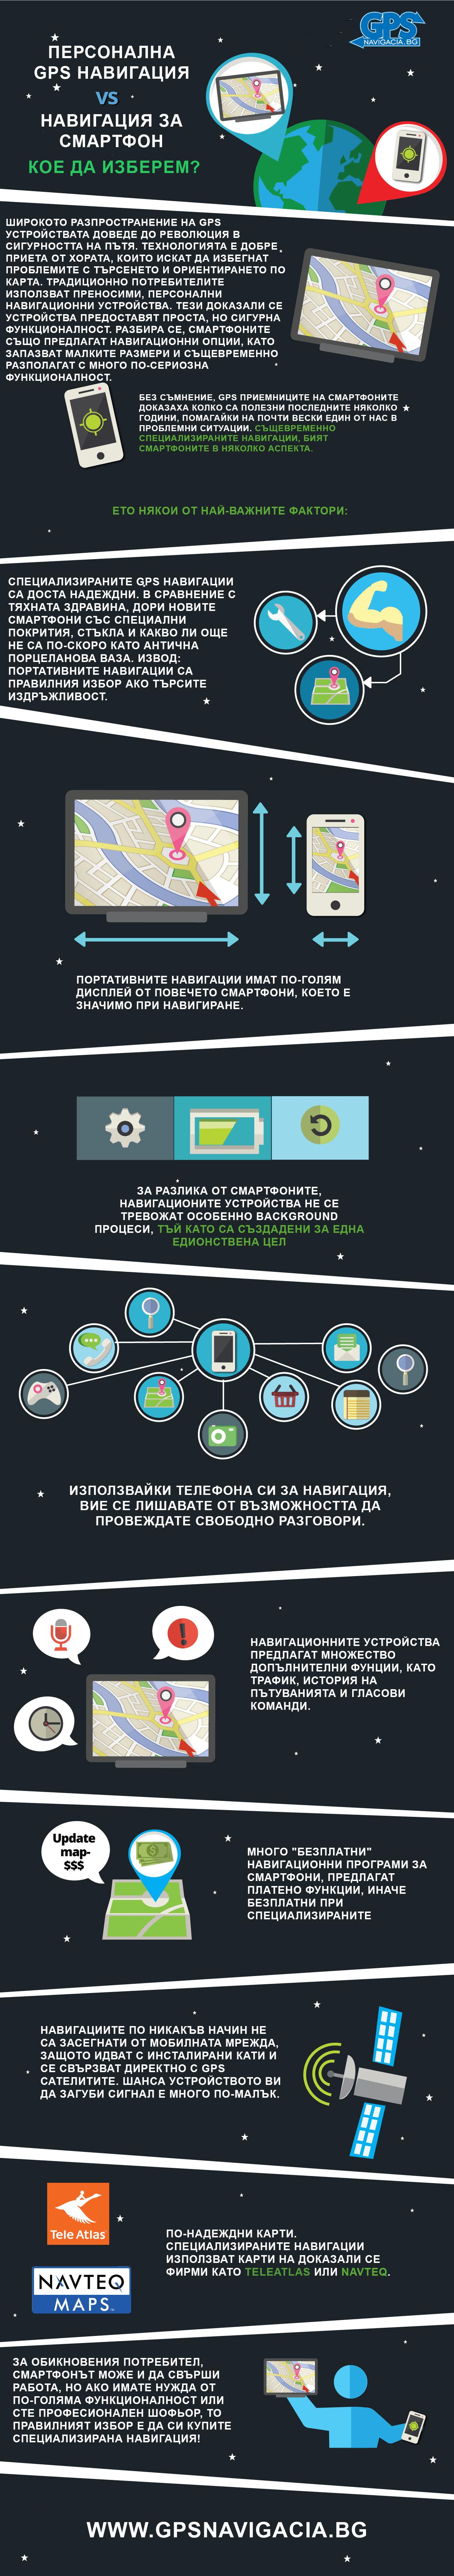 Навигация или смартфон